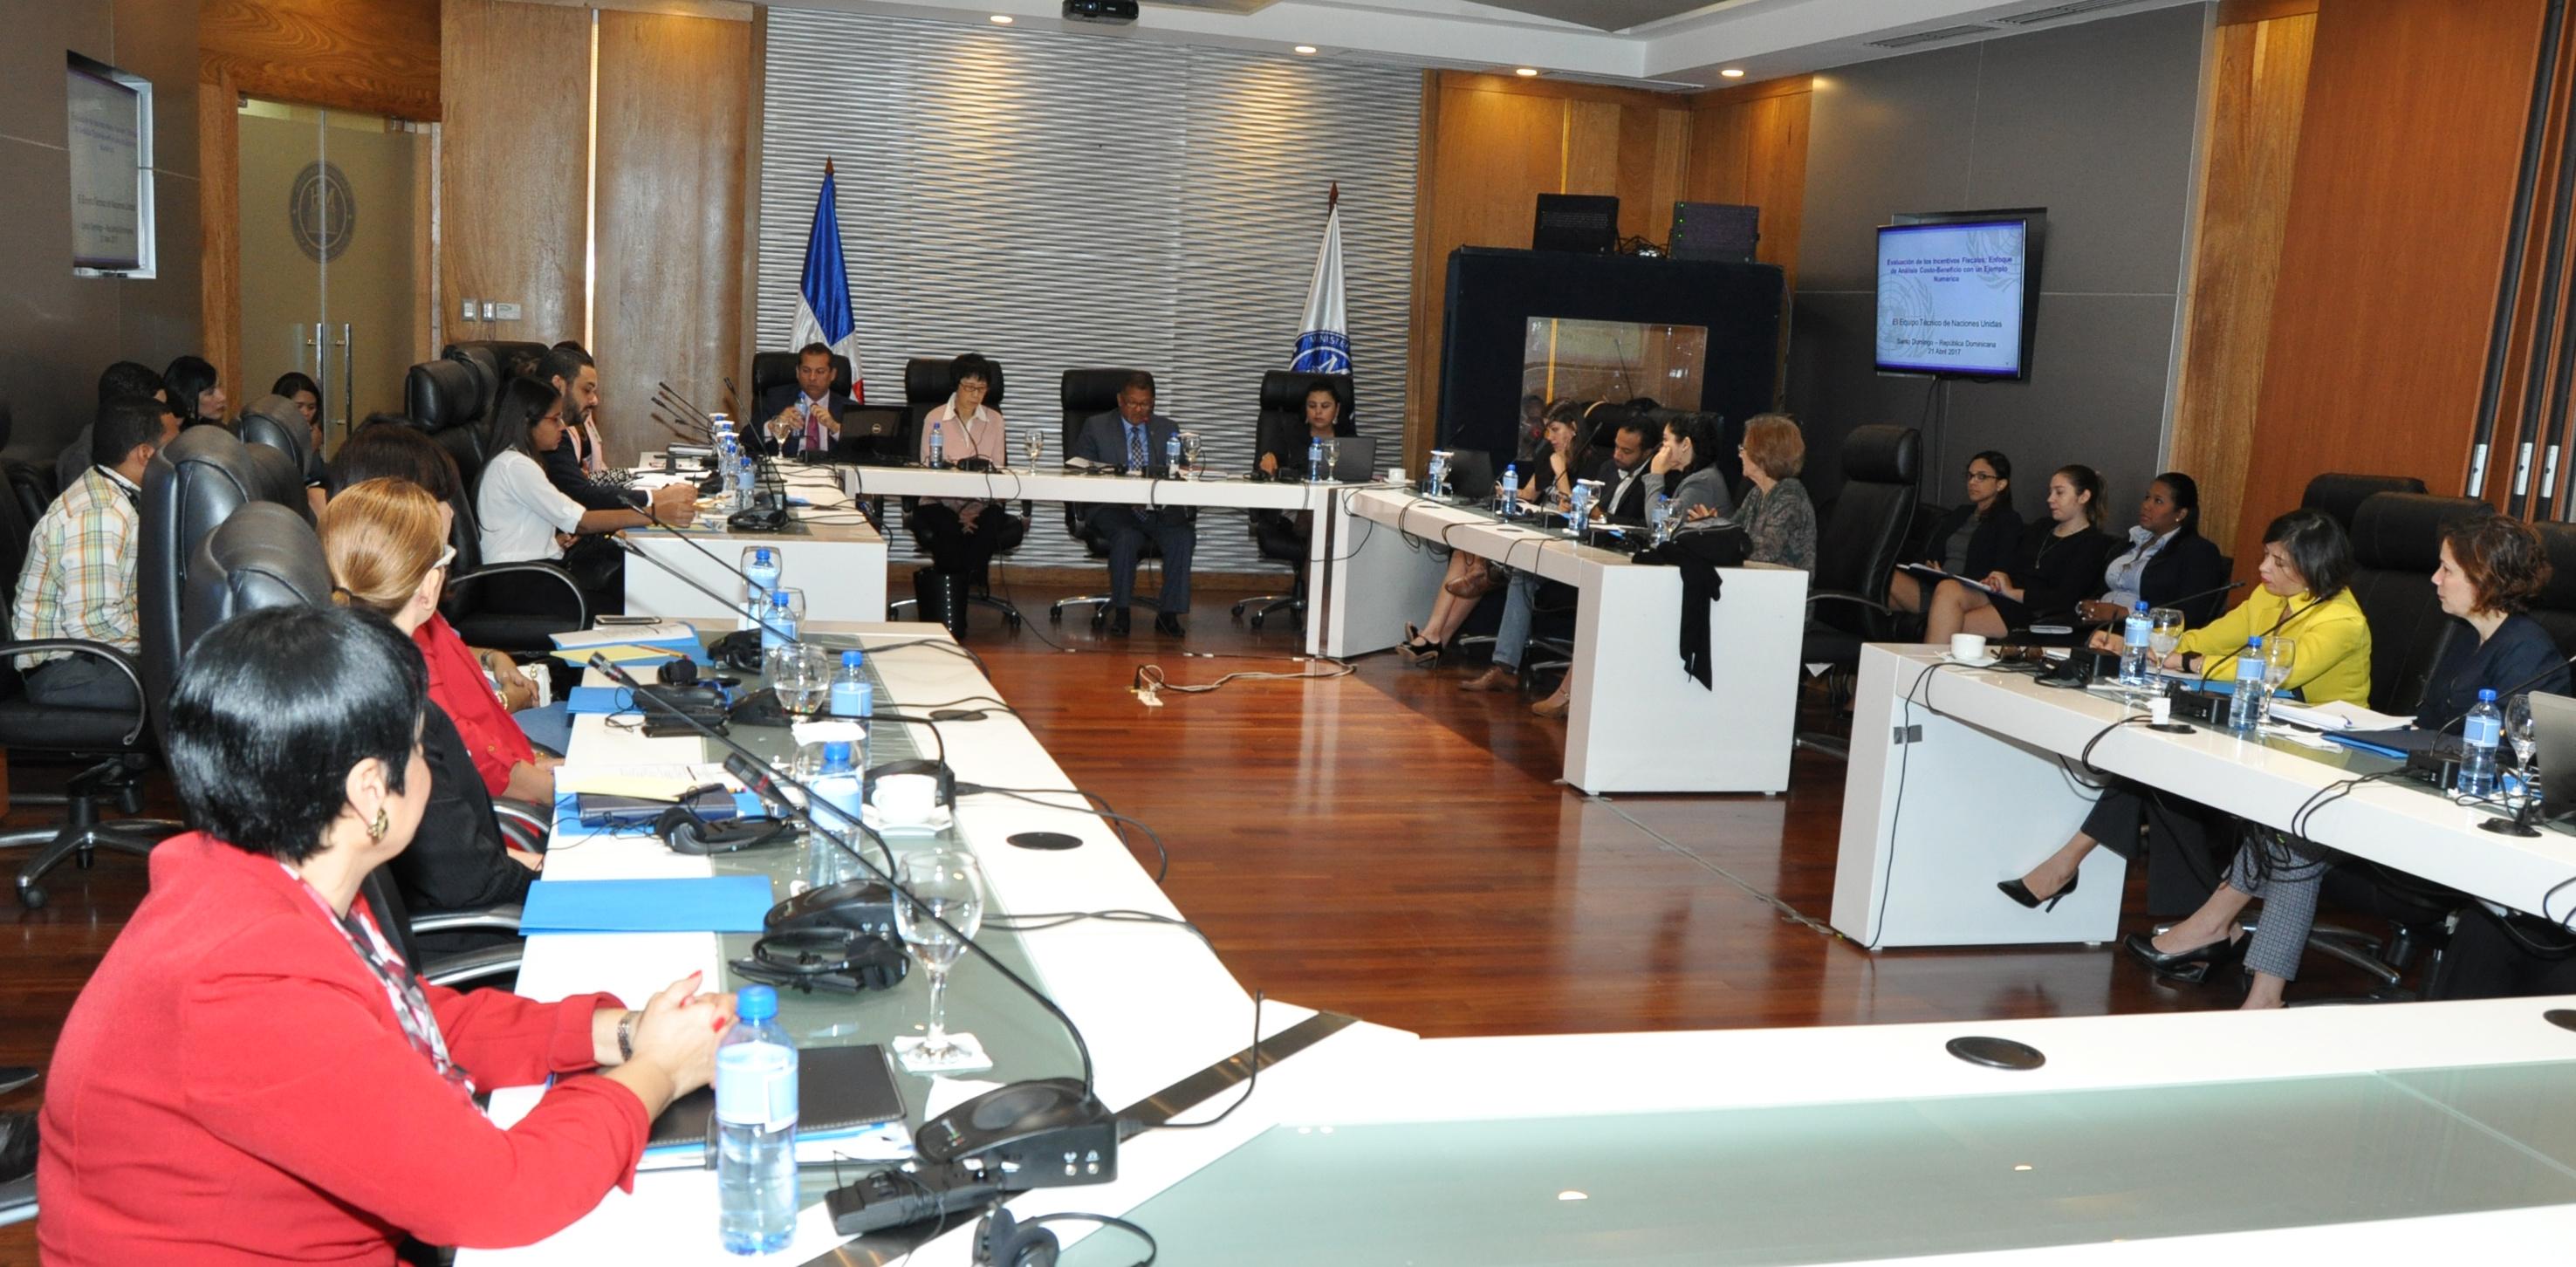 Ministerio de Hacienda y naciones unidas